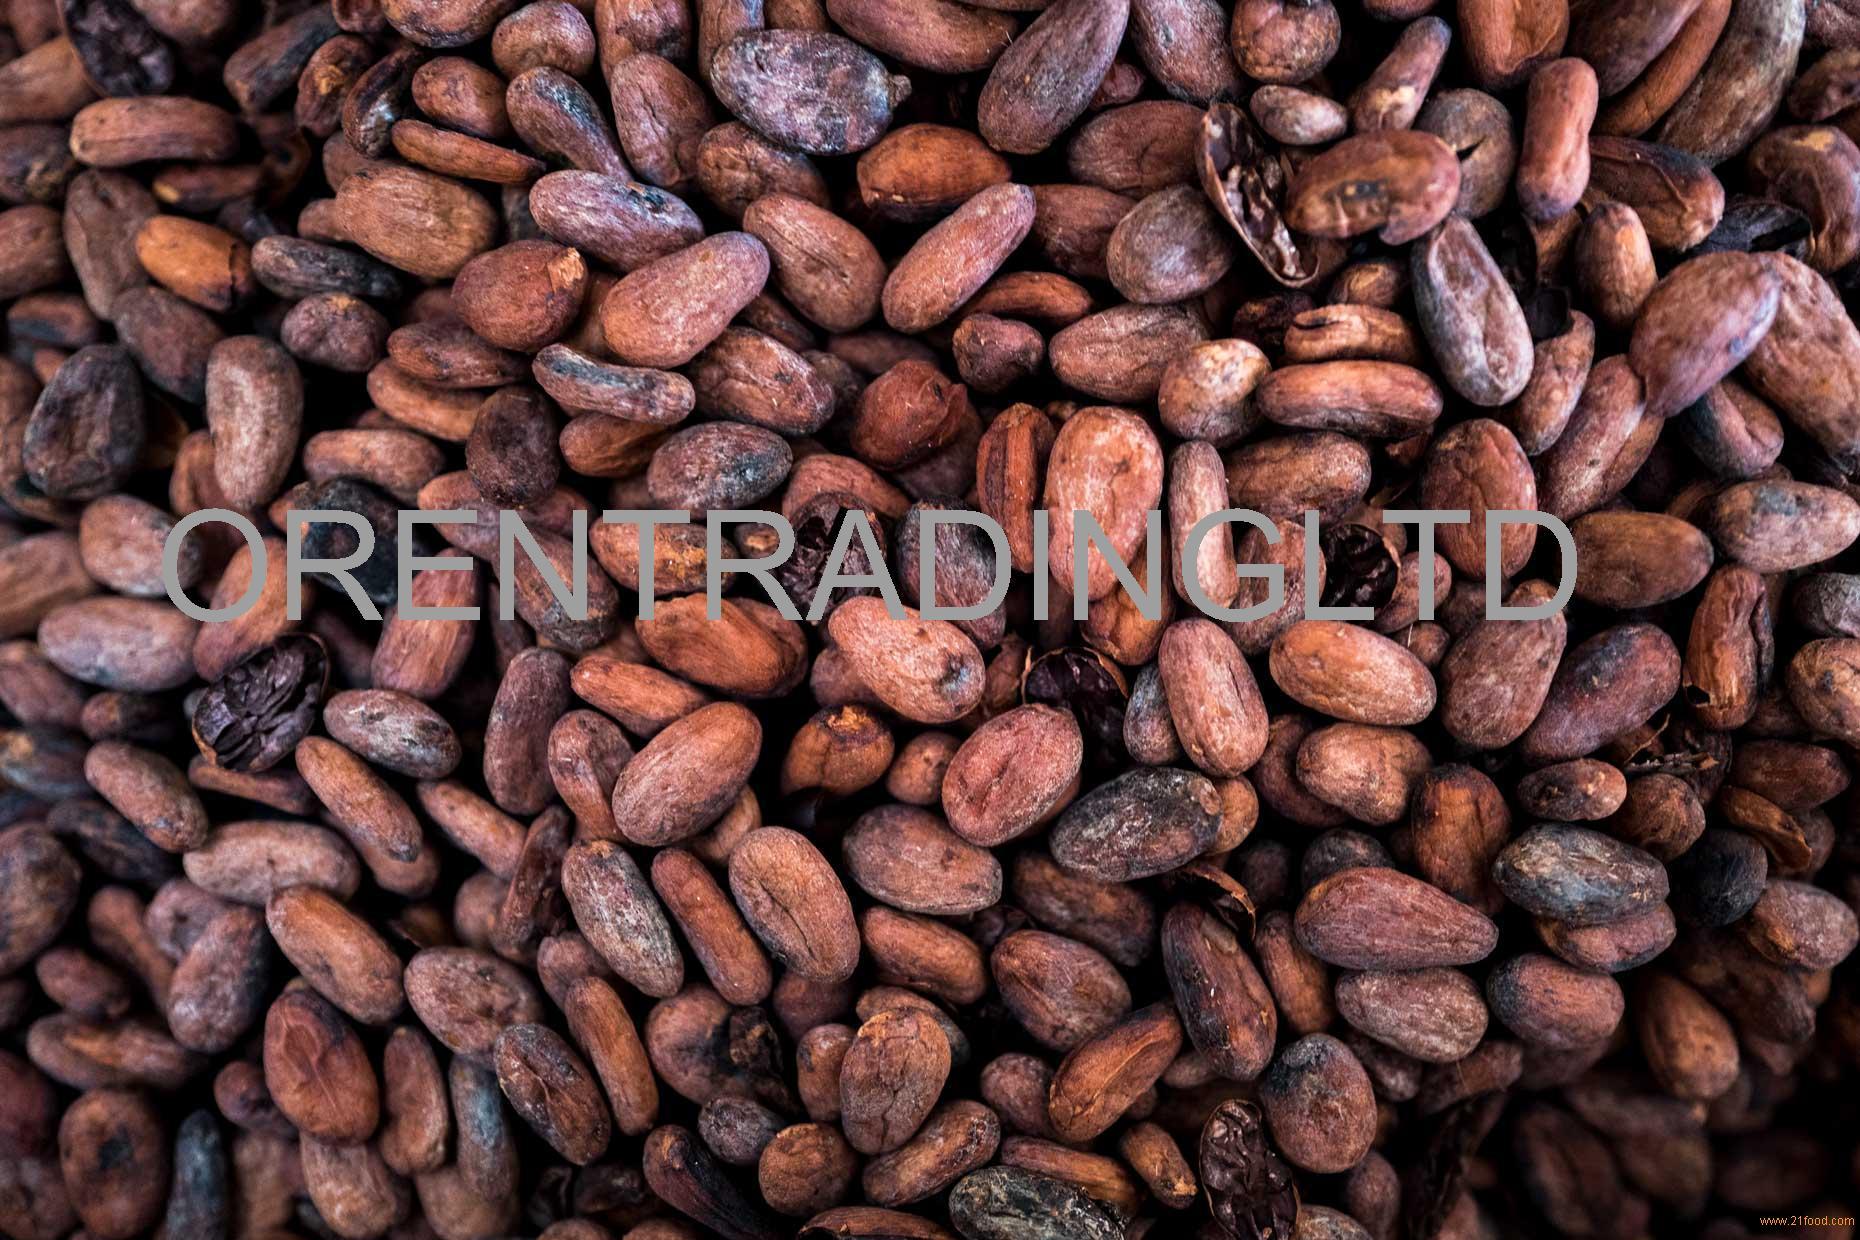 Grade Beans.